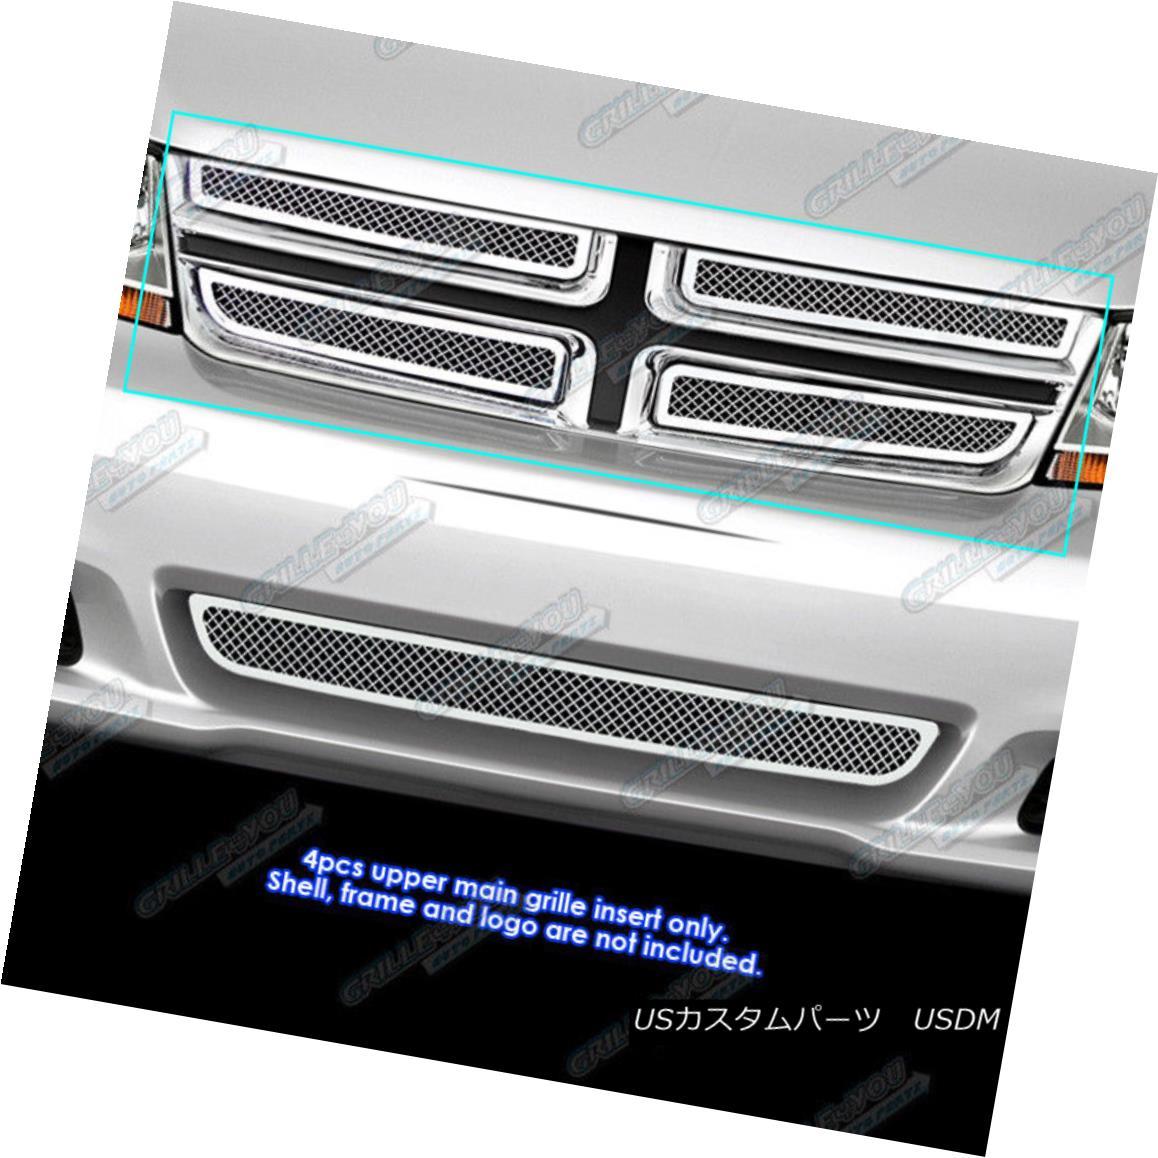 グリル Fits 2011-2013 Dodge Avenger Stainless Steel Mesh Grille Grill Insert 2011-2013 Dodge Avengerステンレスメッシュグリルグリルインサート